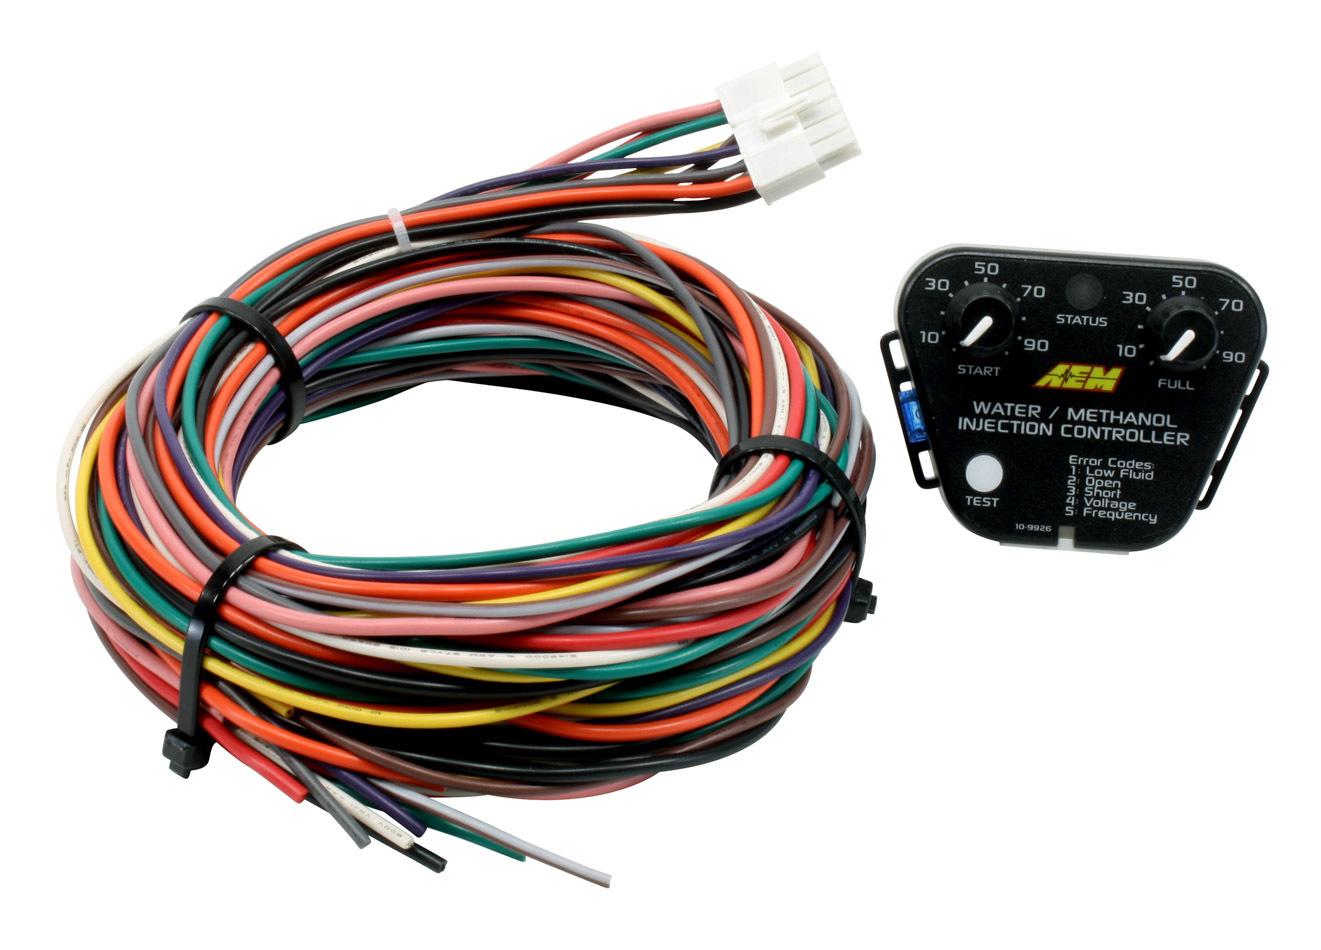 V2 Water/Methanol Multi Input Controller Kit- 0-